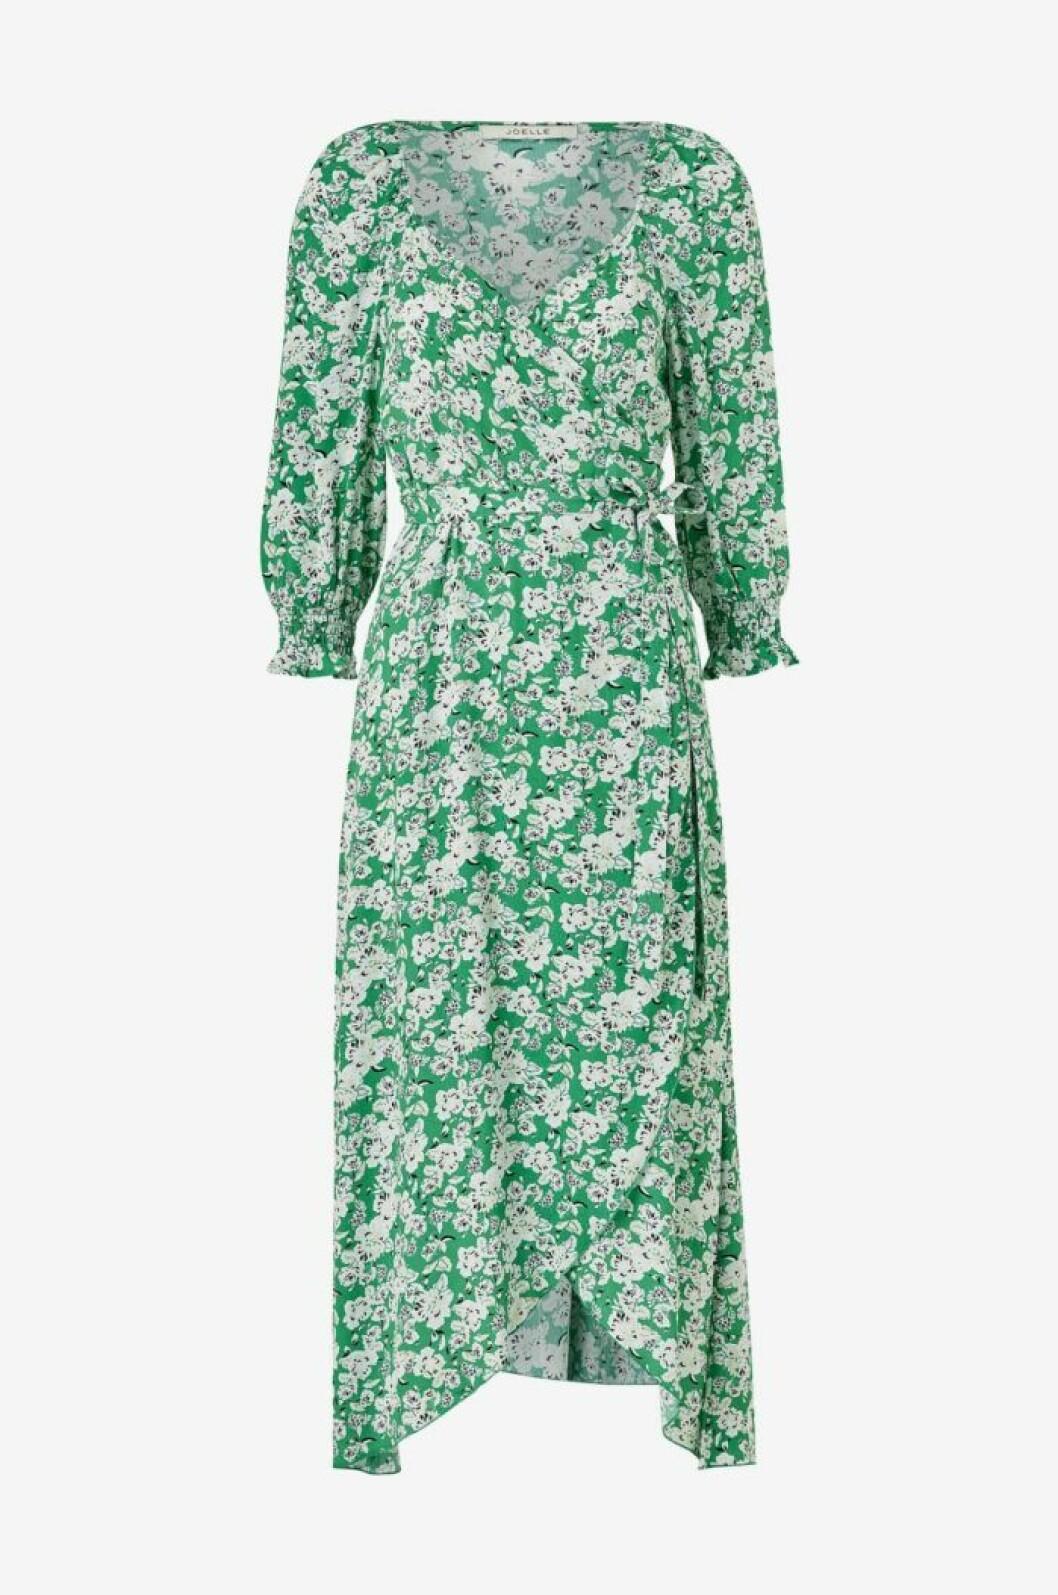 grön blommig klänning i omlottmodell till 2020